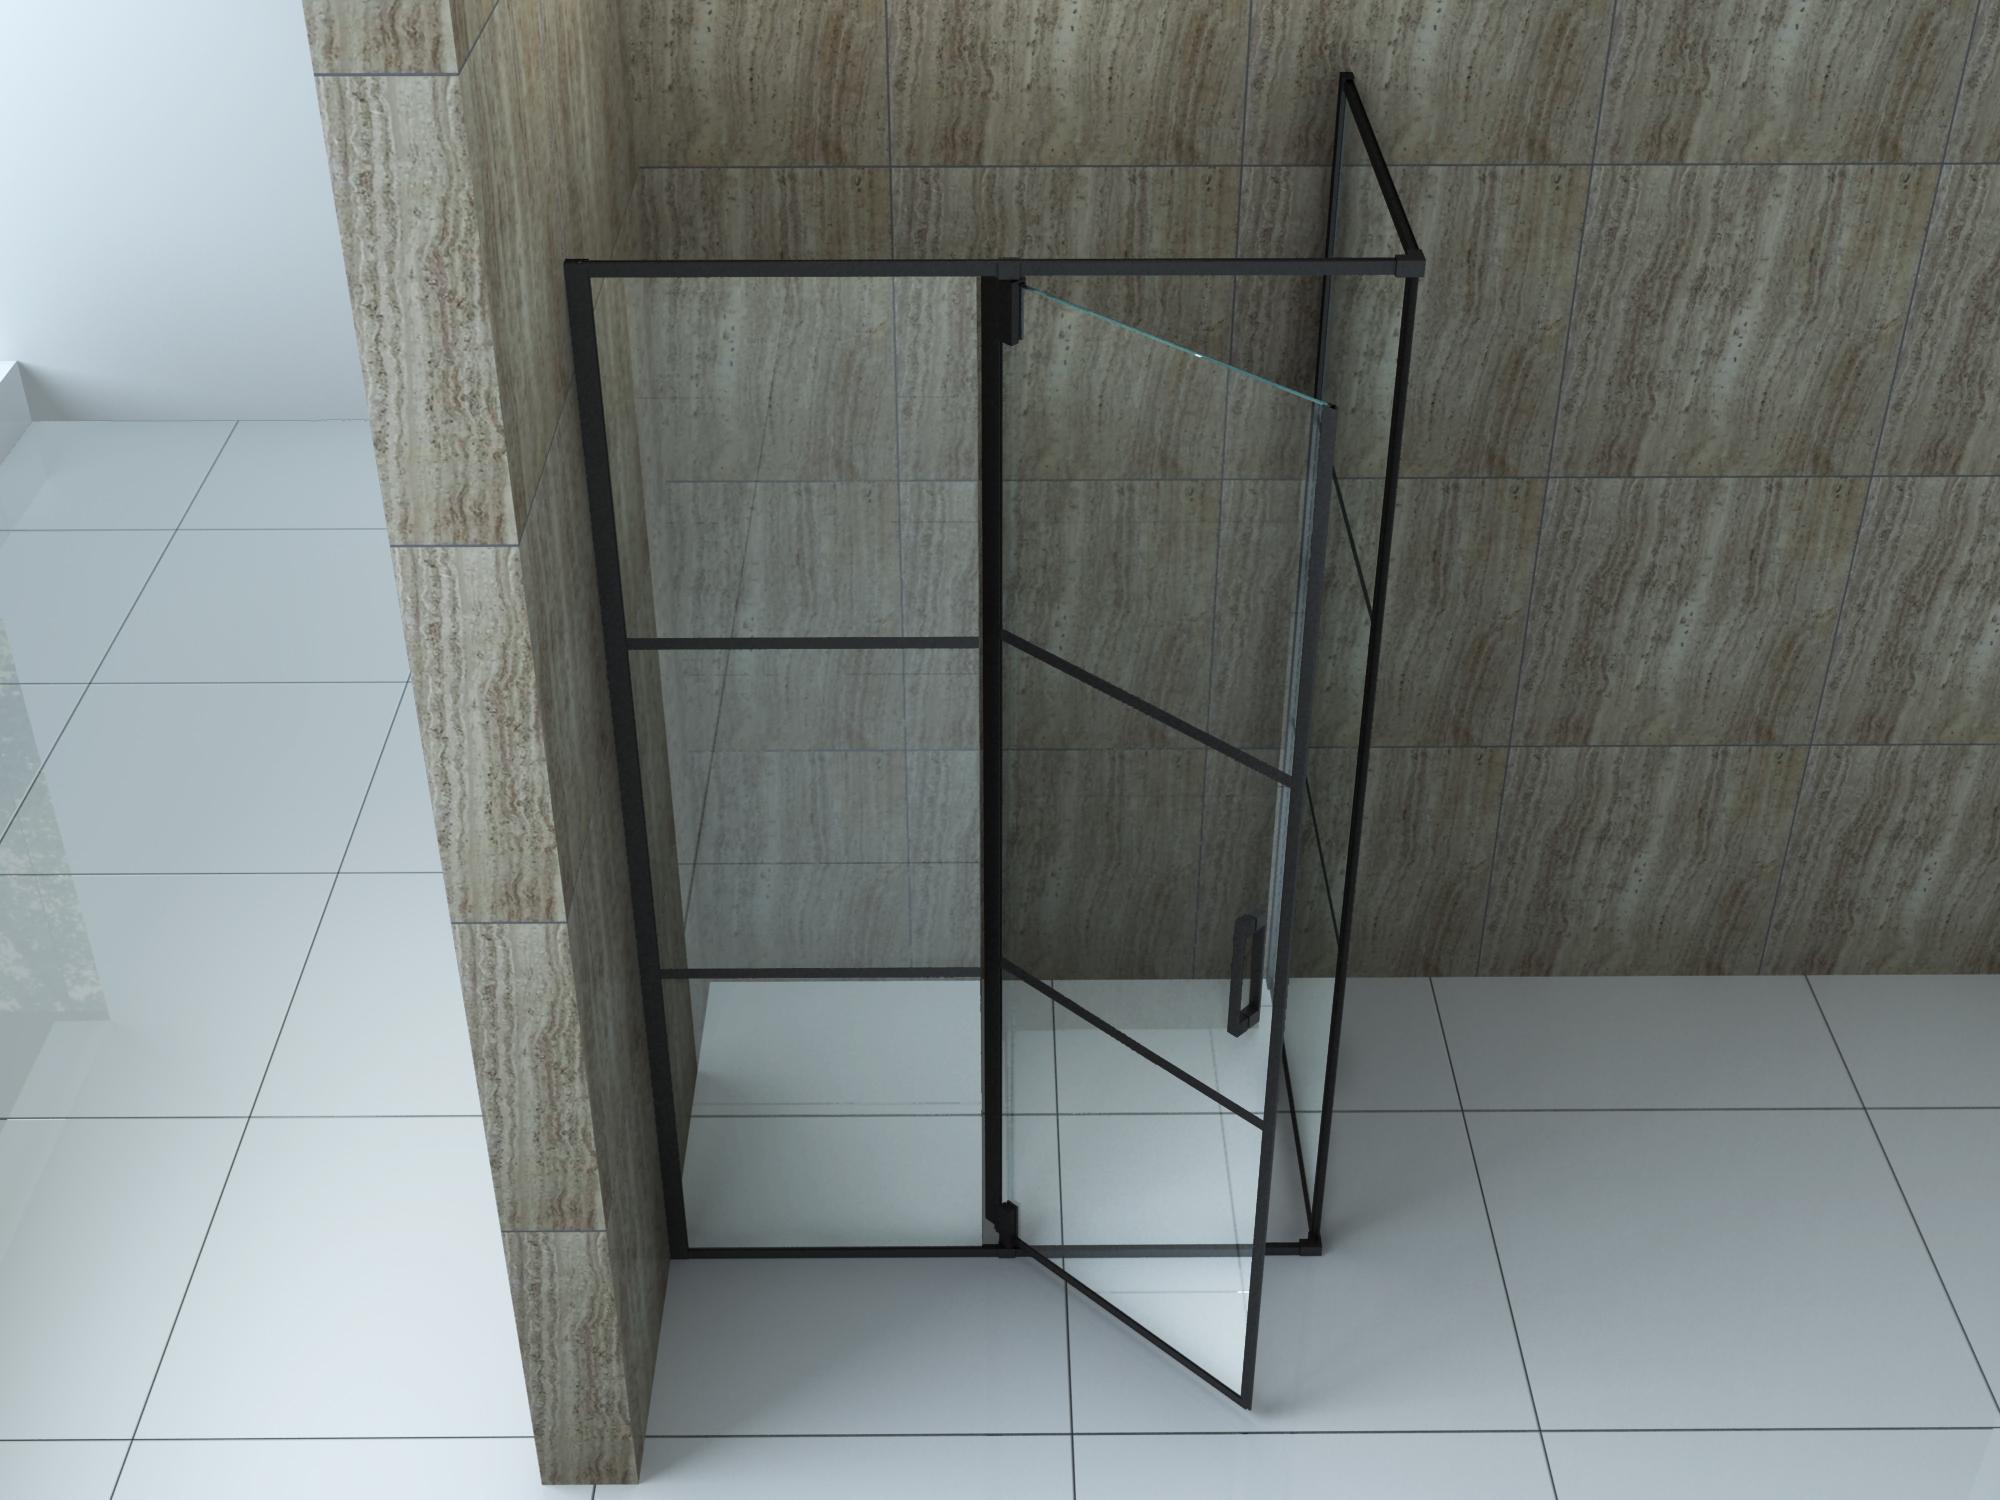 Duschkabine Creato 120 x 90 x 195 cm ohne Duschtasse